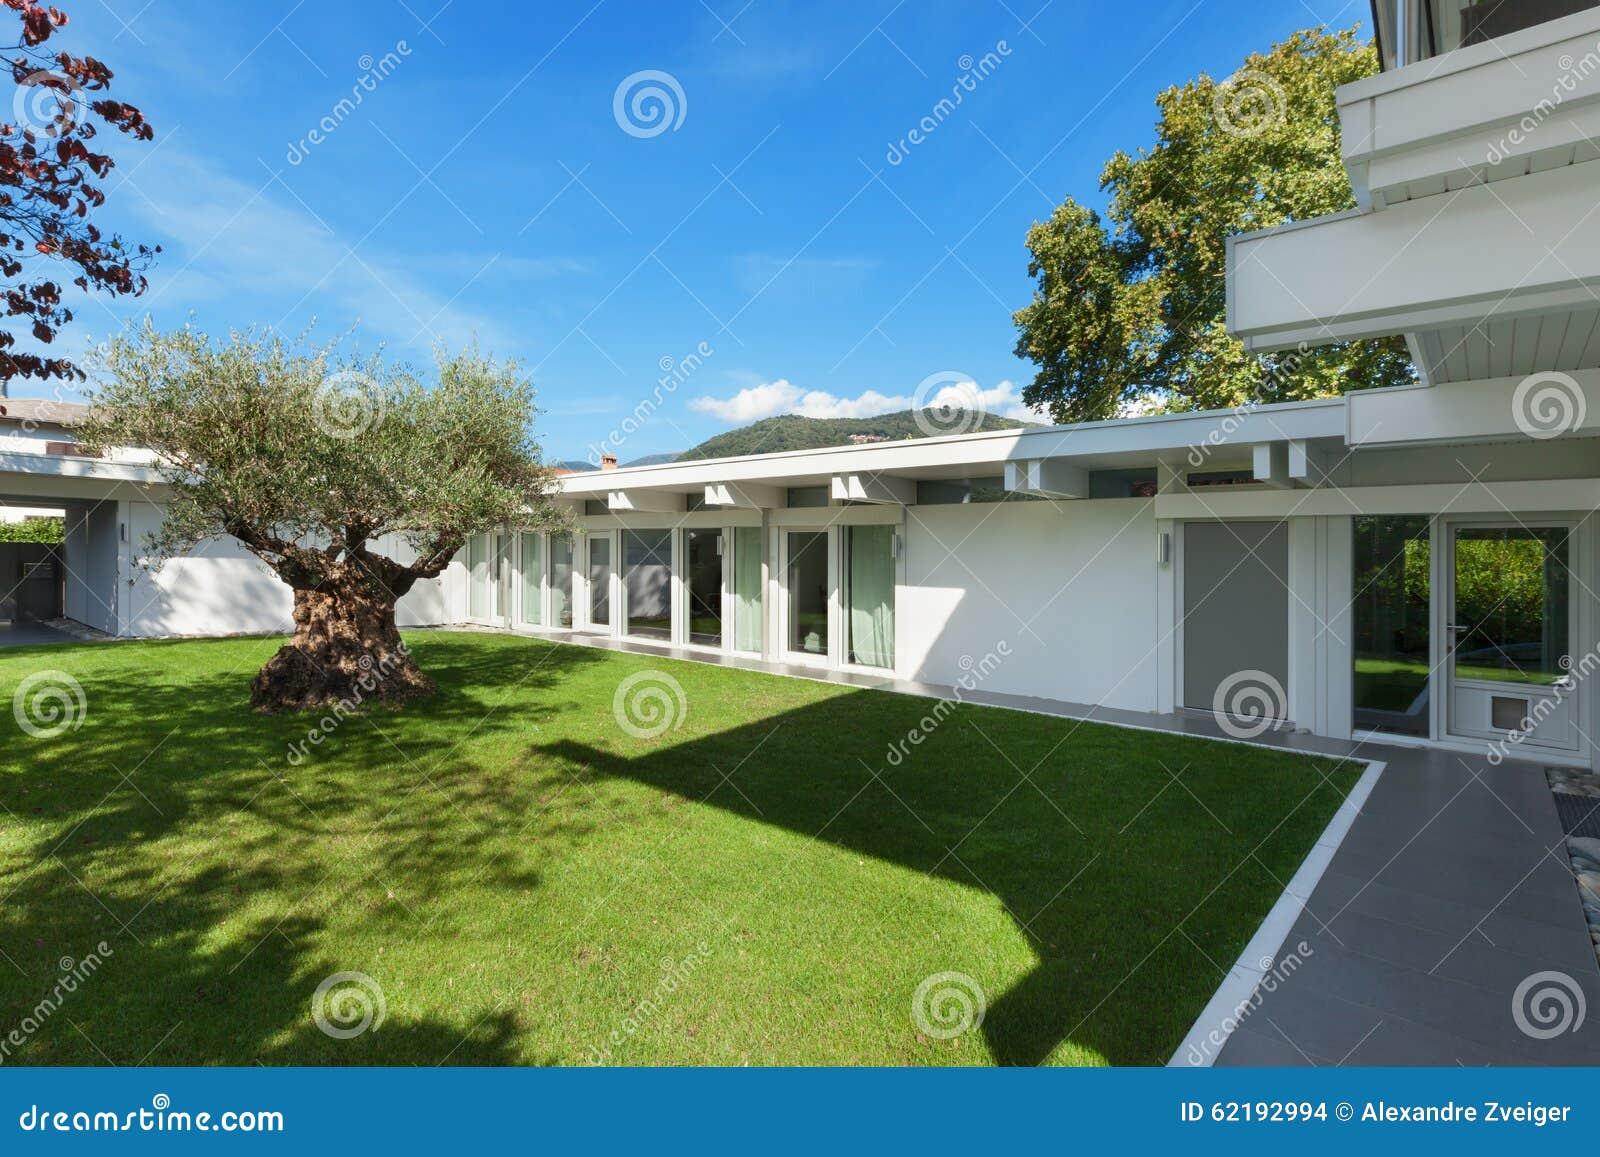 Giardino di una casa moderna con di olivo fotografia stock for Casa giardino